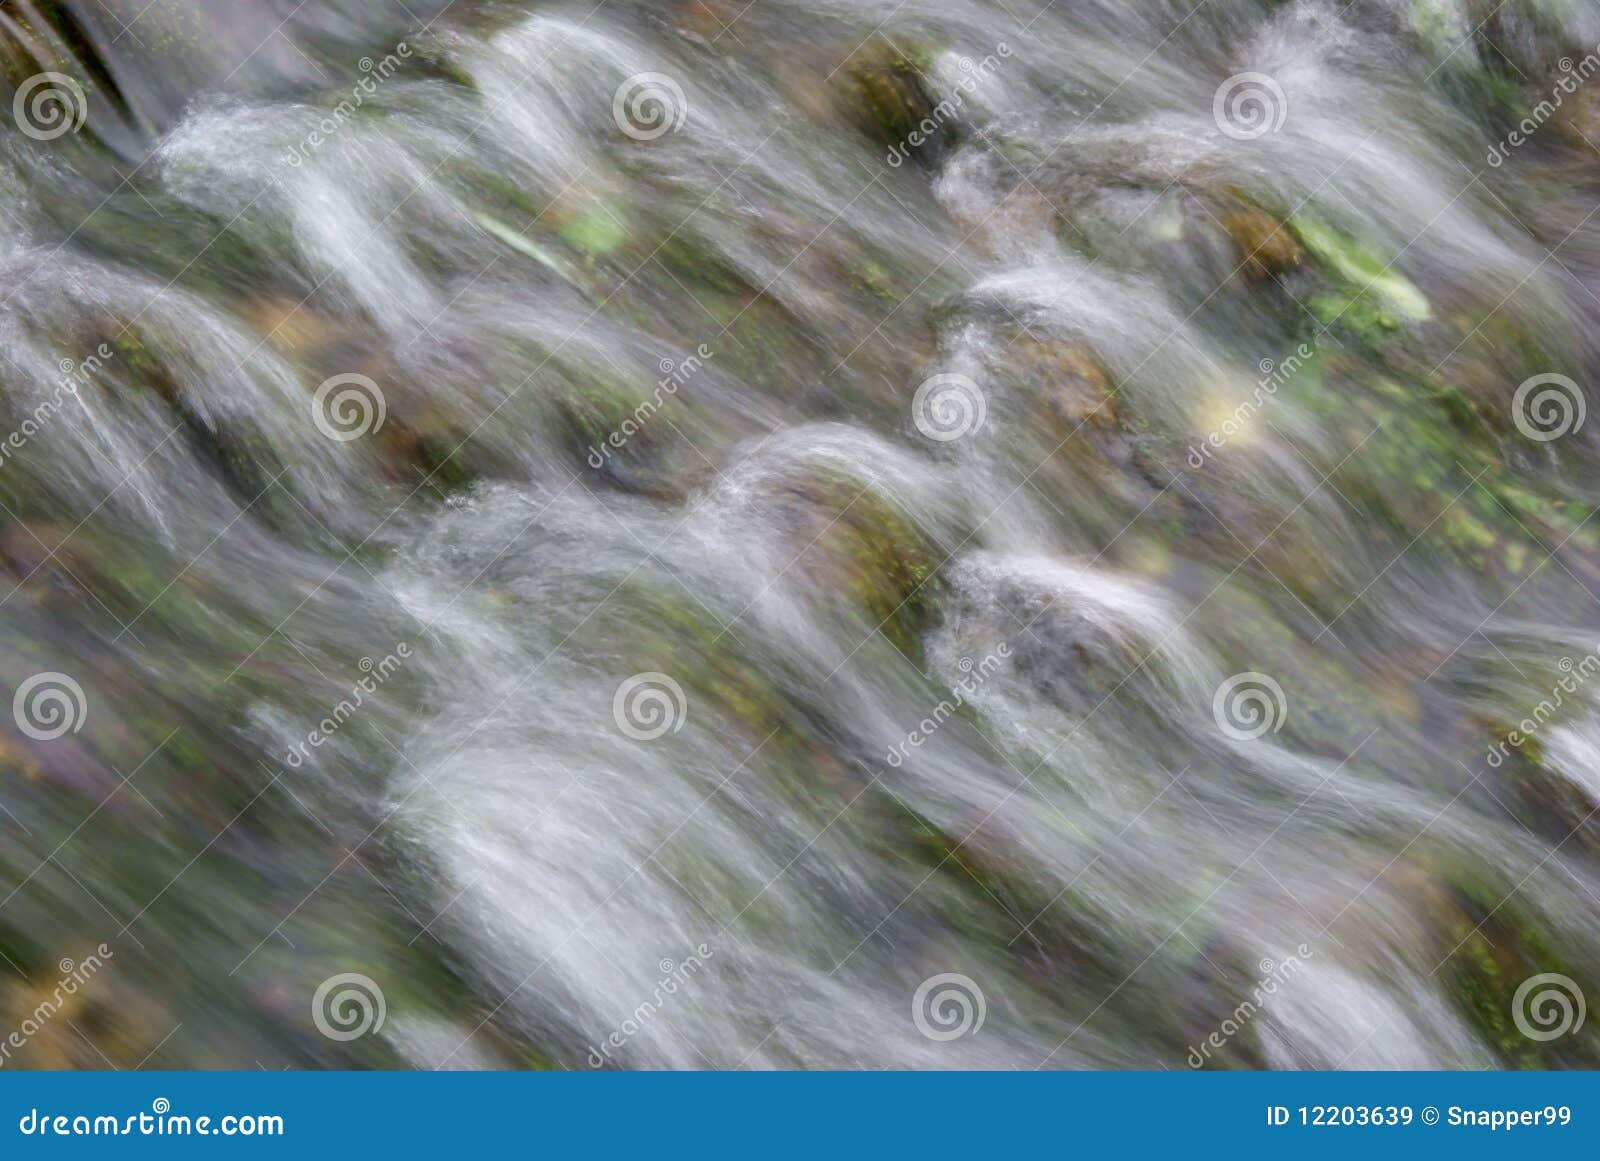 Flüssiges Wasser